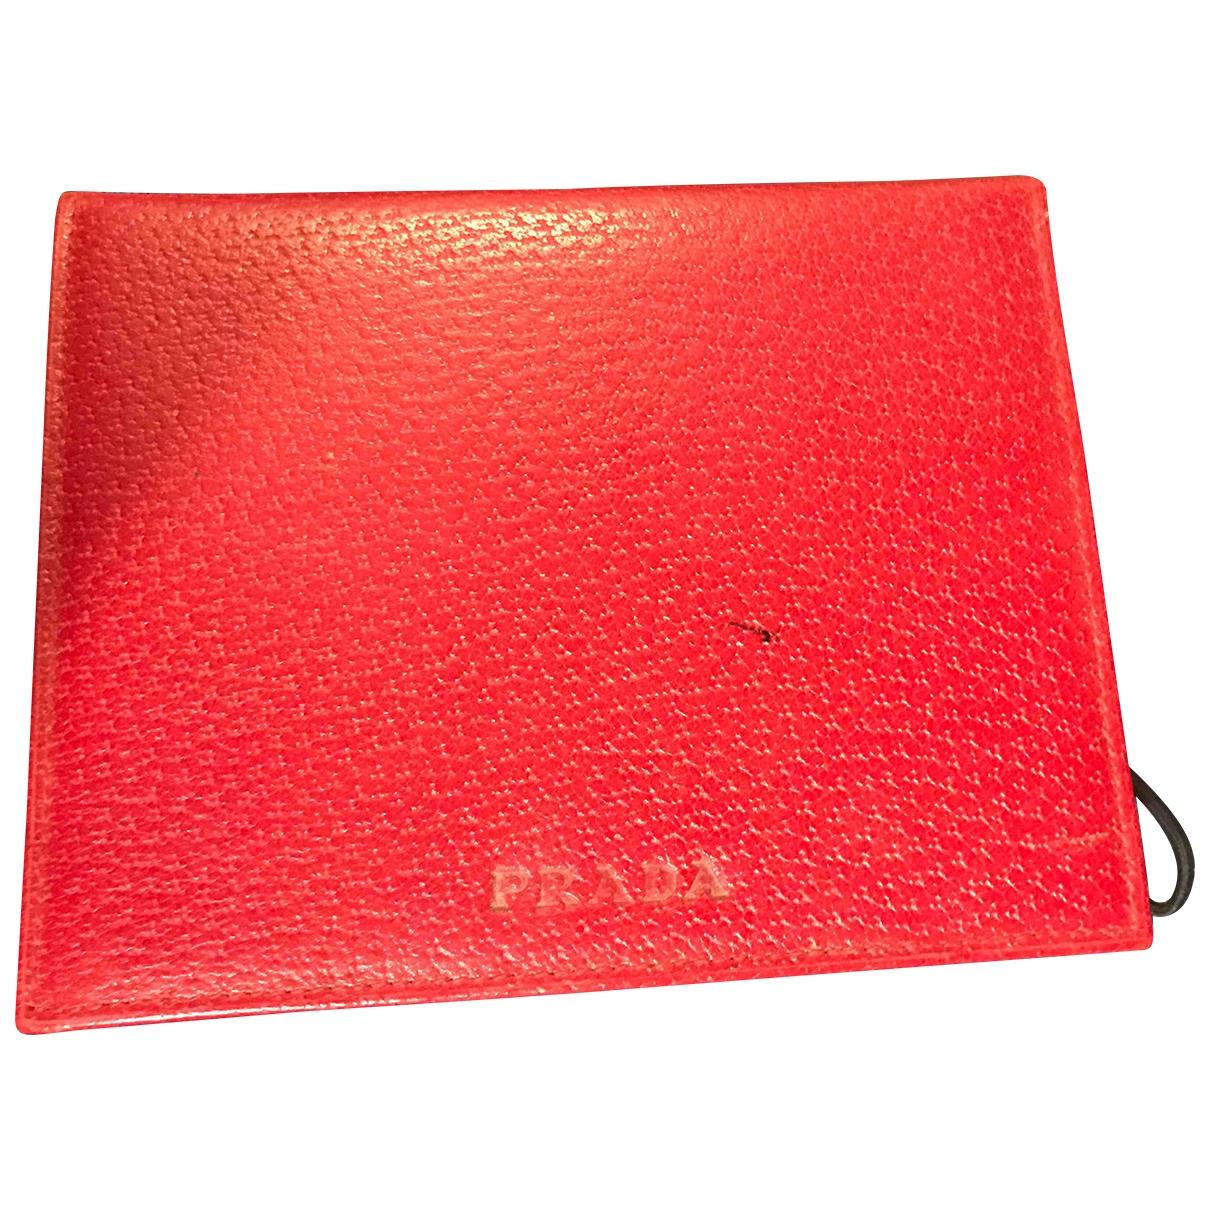 Prada - Objets & Deco   pour lifestyle en cuir - rouge